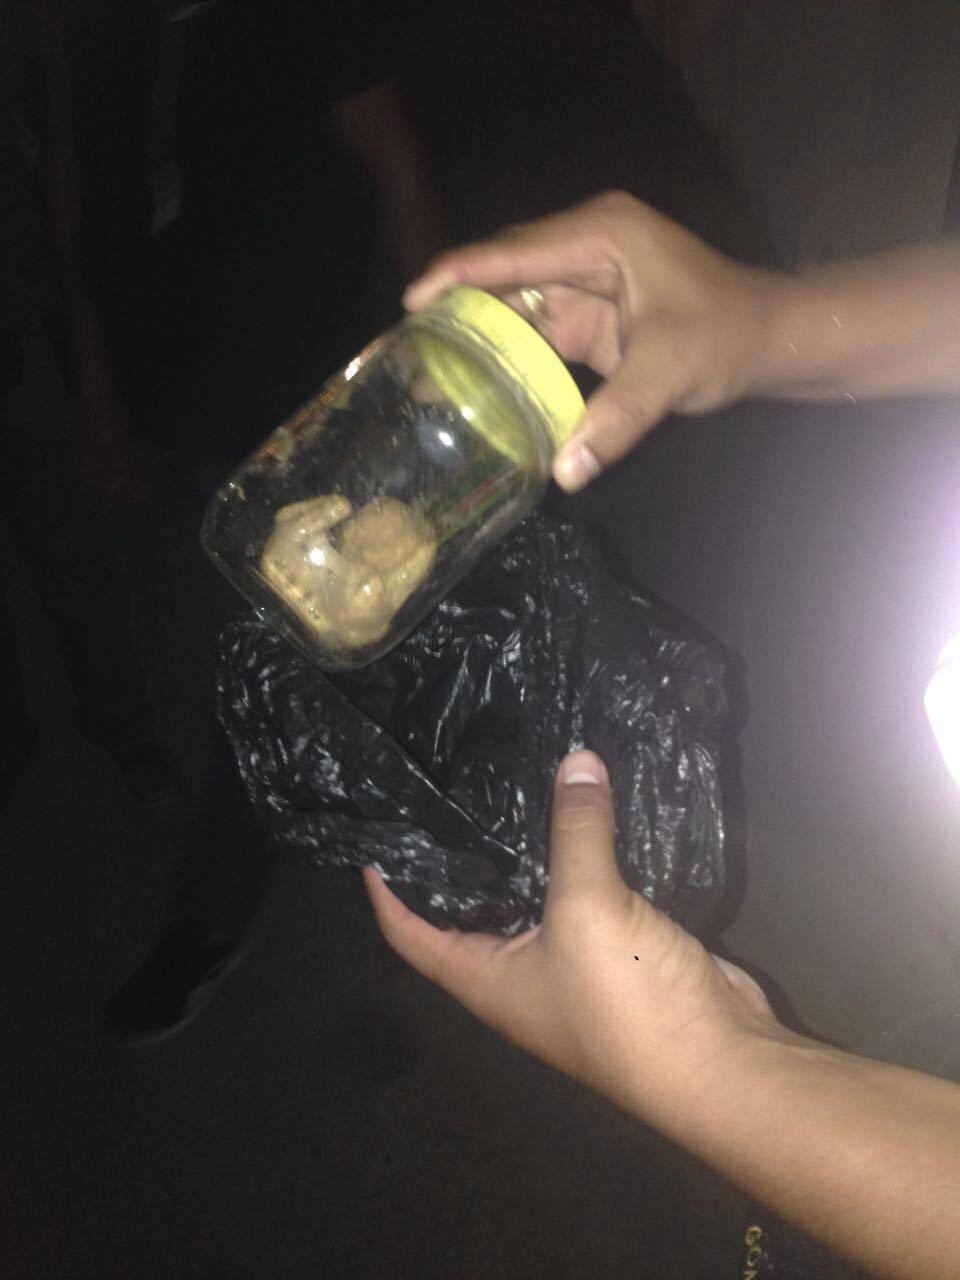 Policía encontró un feto en Altamira